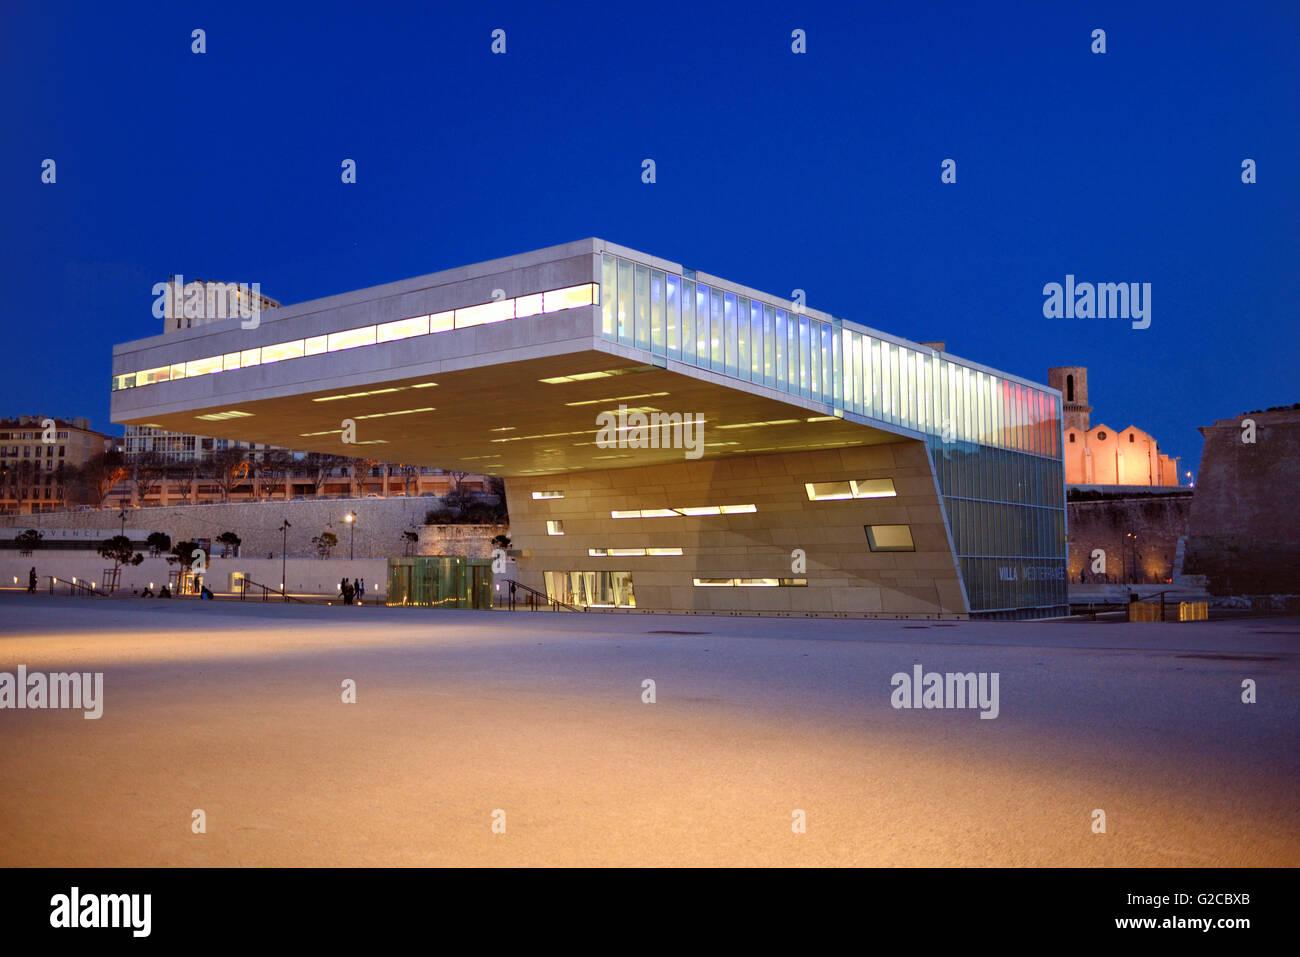 La arquitectura modernista de la Villa Mediterranée Centro de Conferencias Diseñado por Stefano Boeri Imagen De Stock